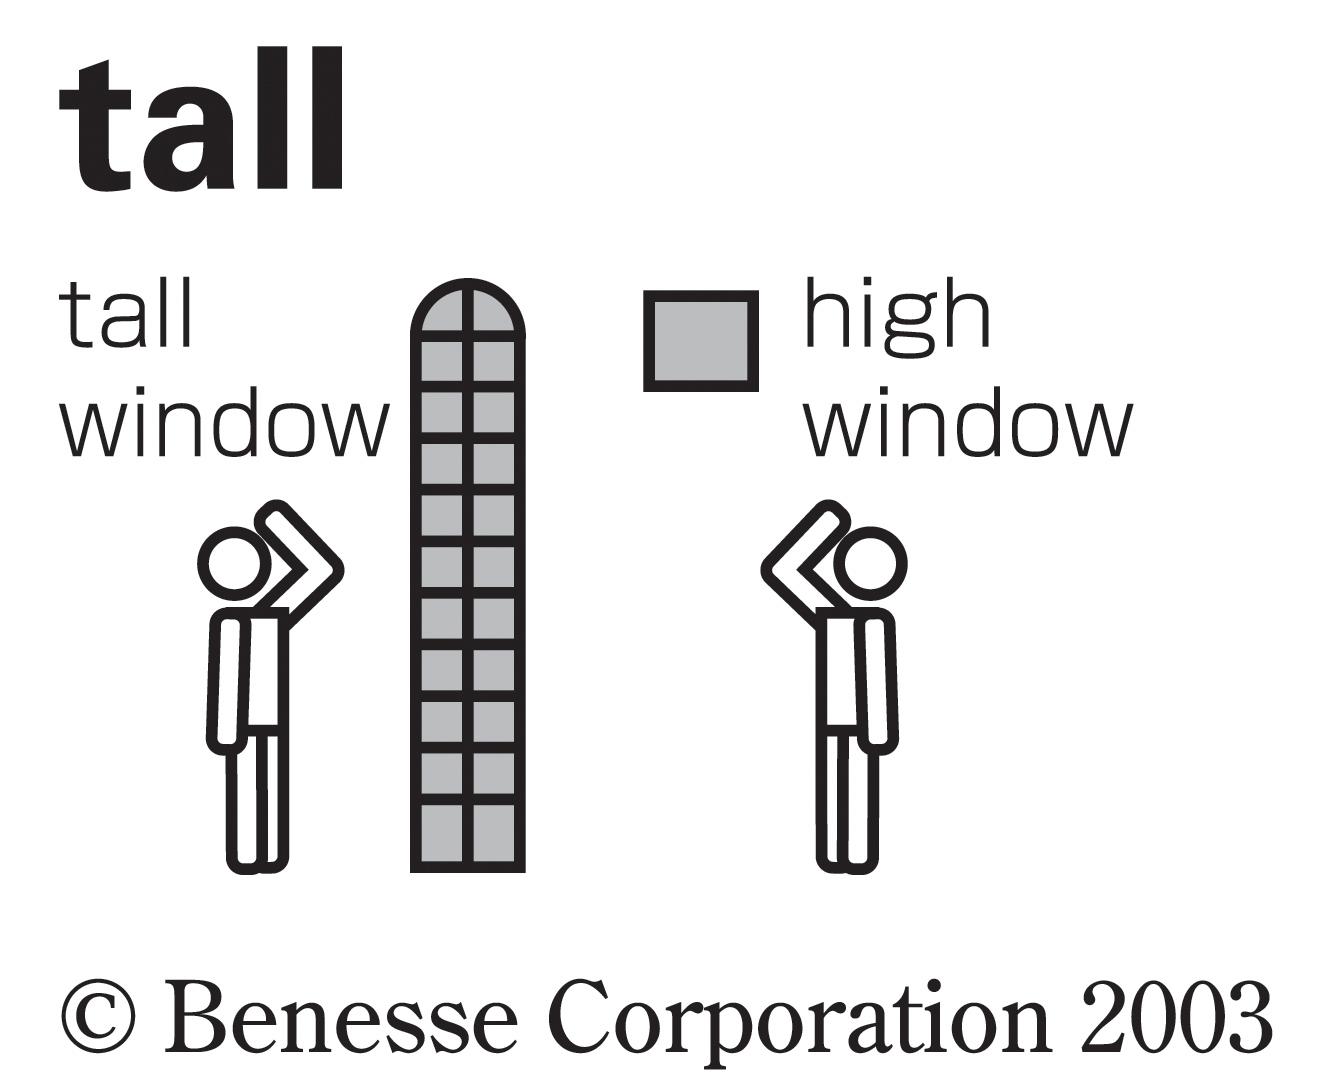 tall02.jpg